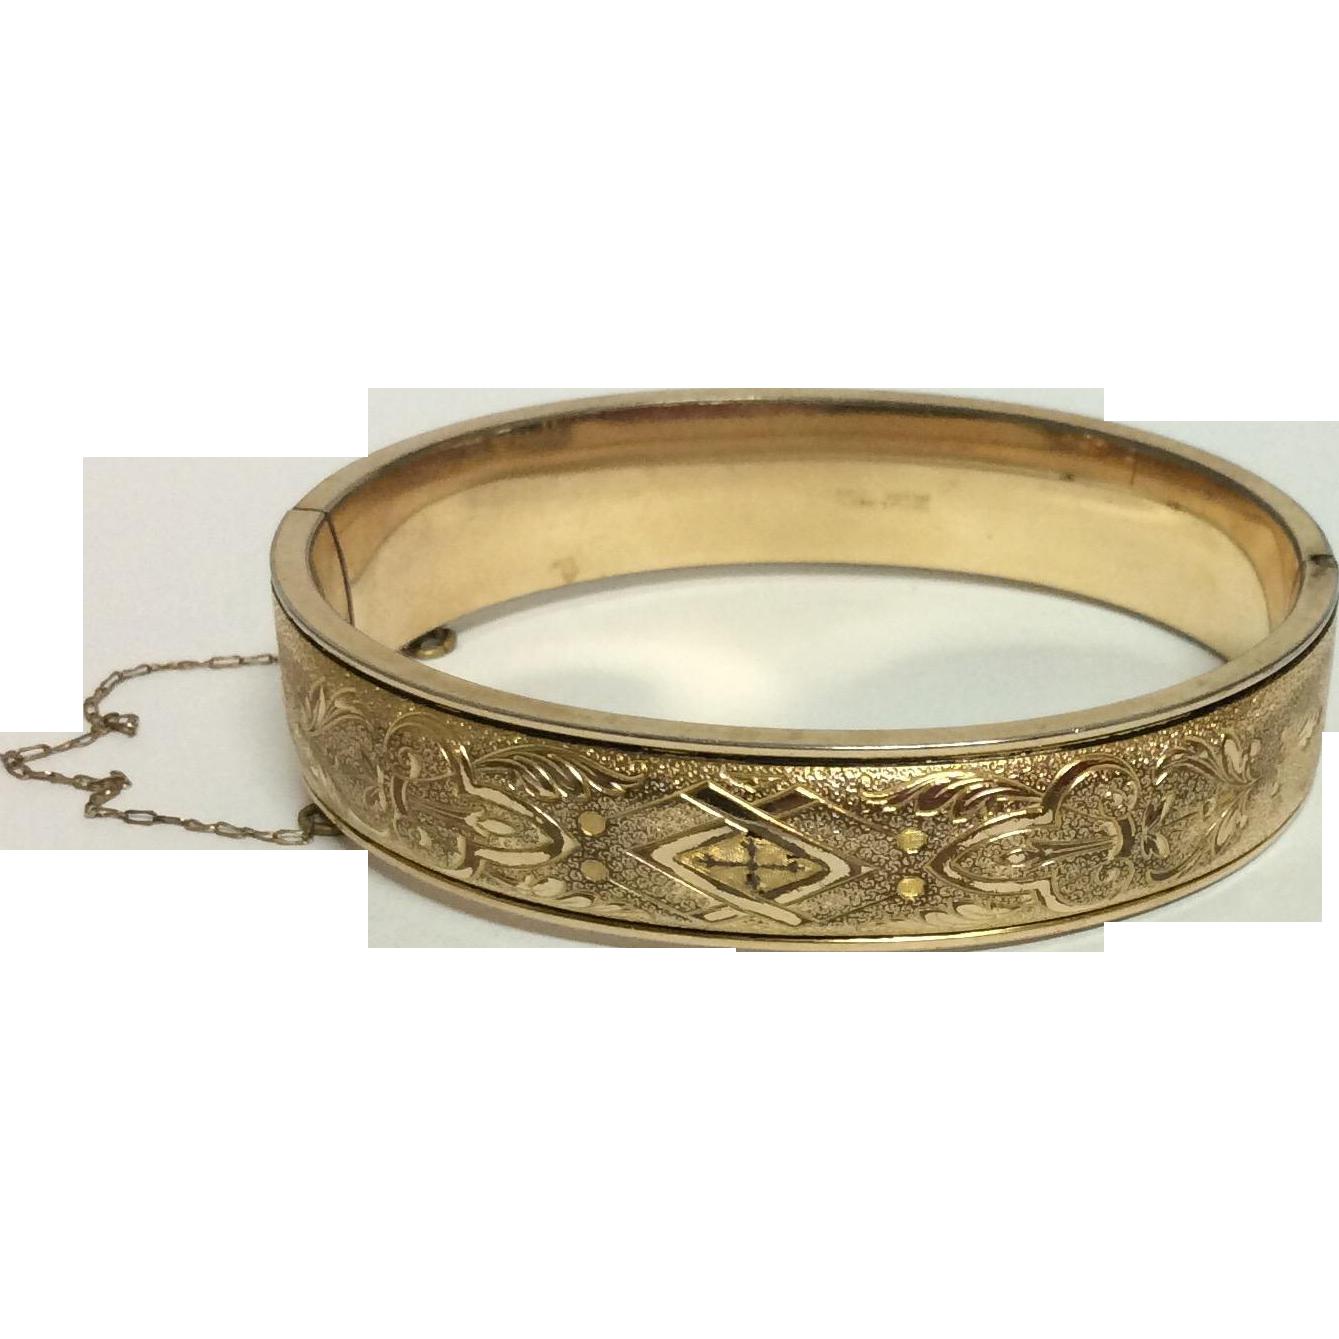 Vintage Simmons Gold Filled Hinged Bangle Bracelet